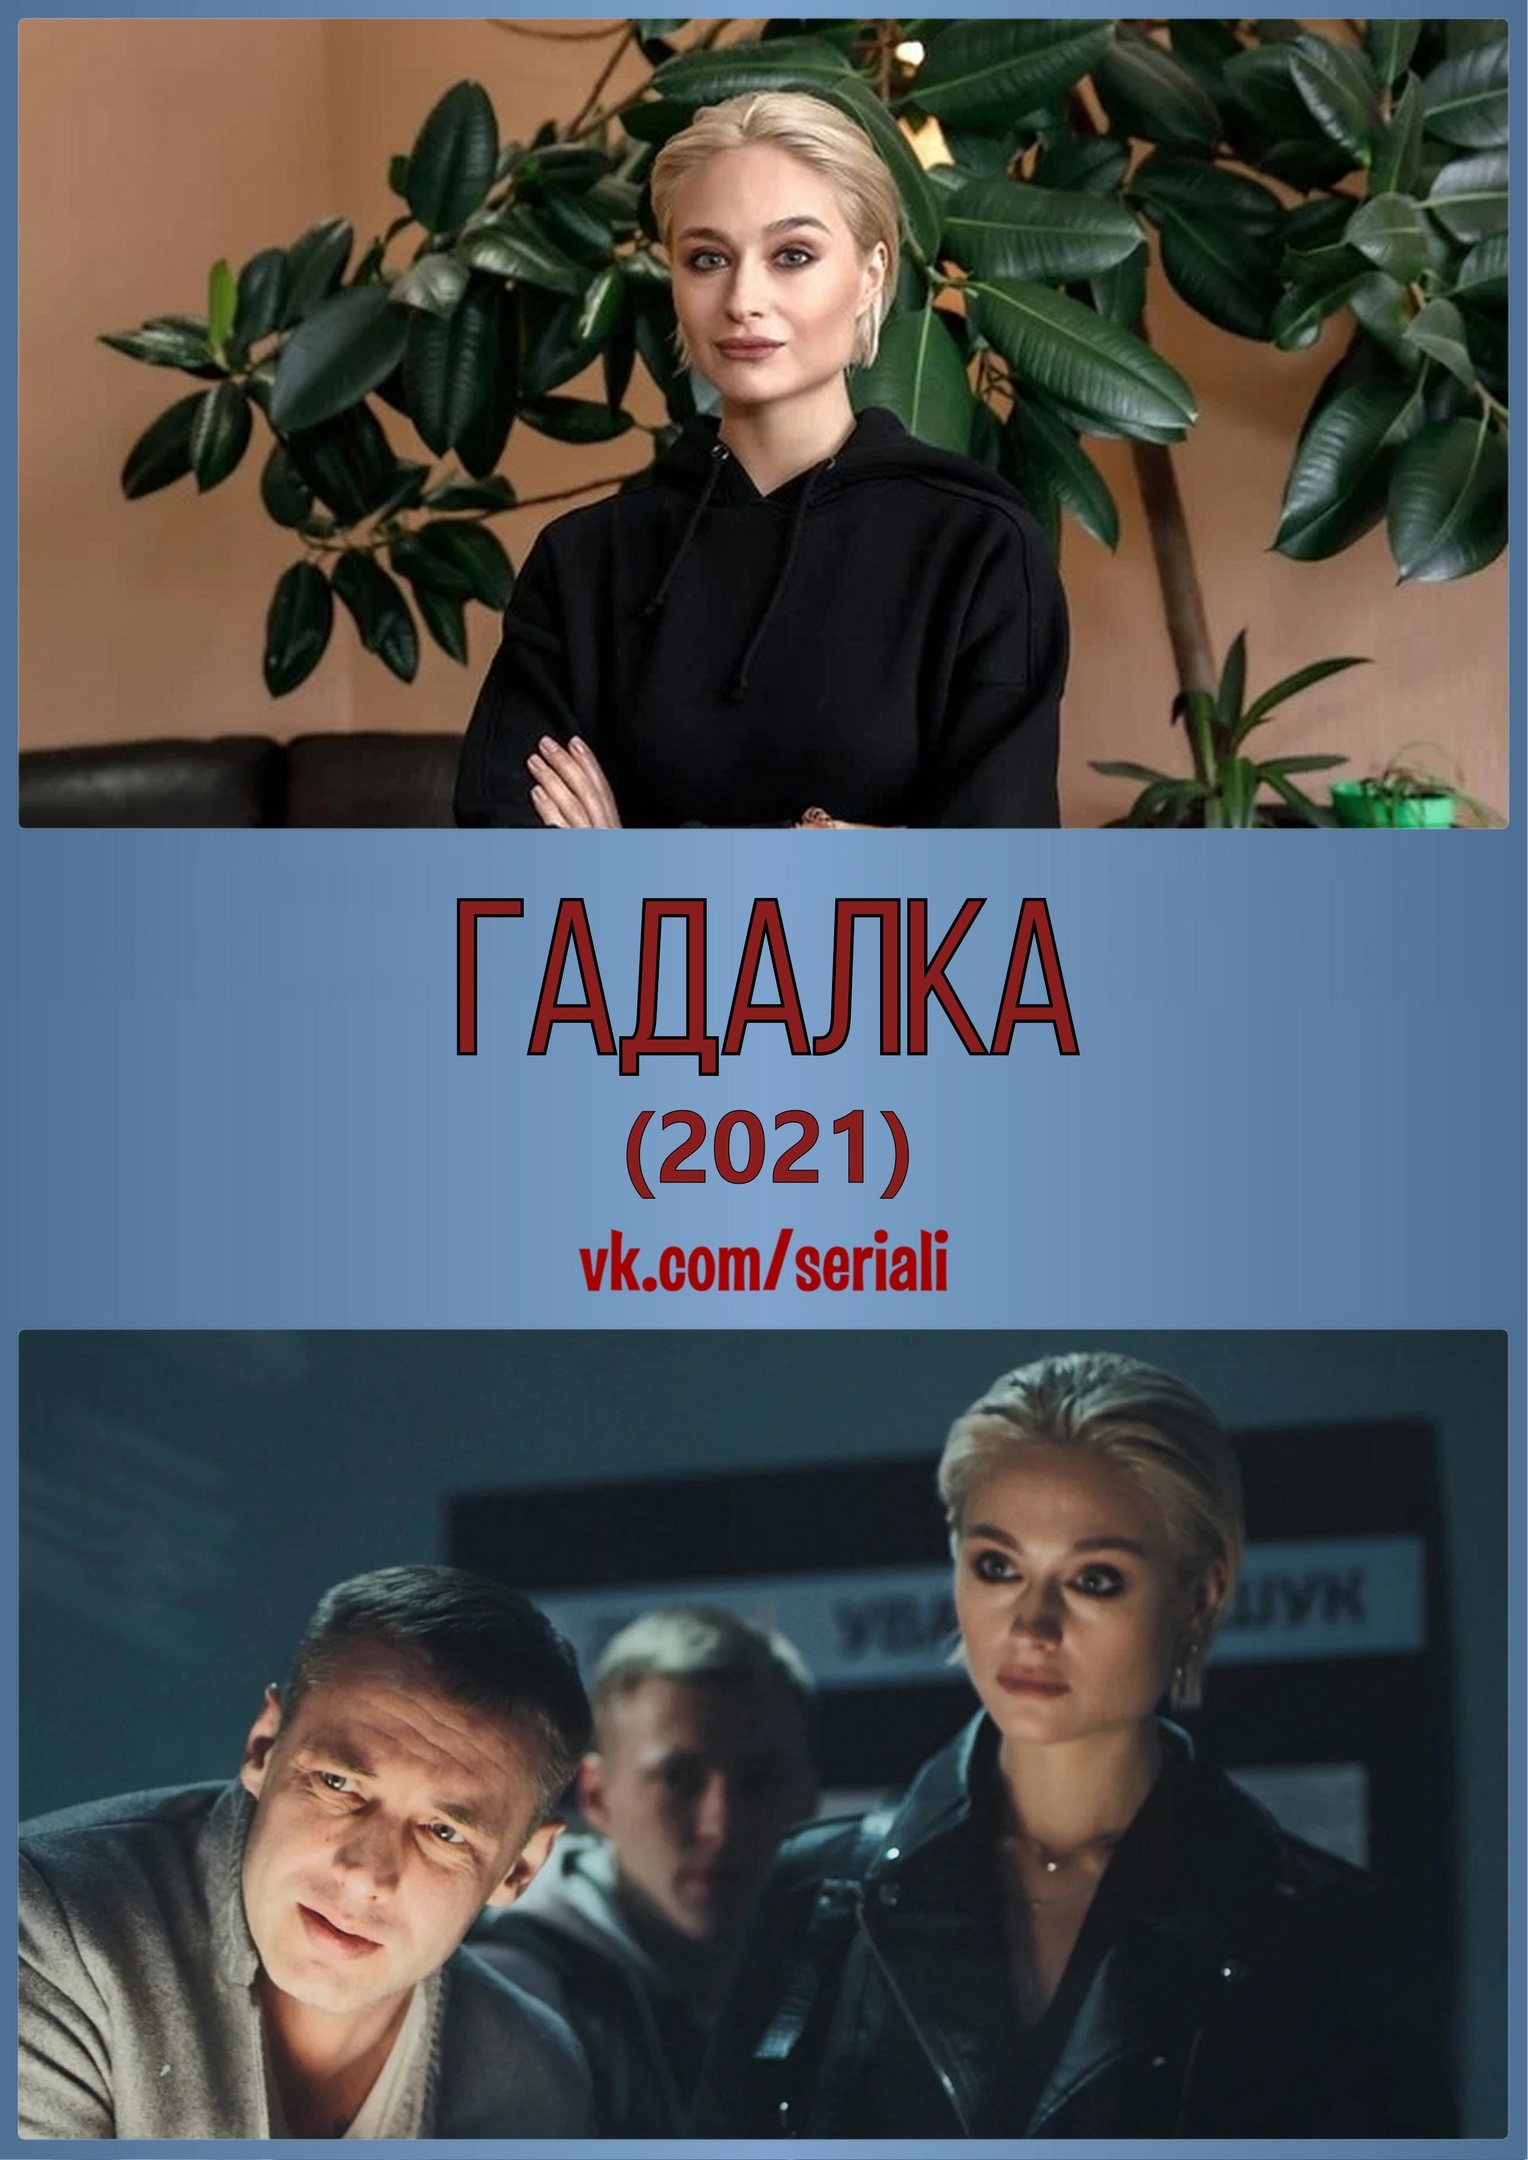 Мелодрама «Гαдαлкα» (2021) 1-6 серия из 16 HD